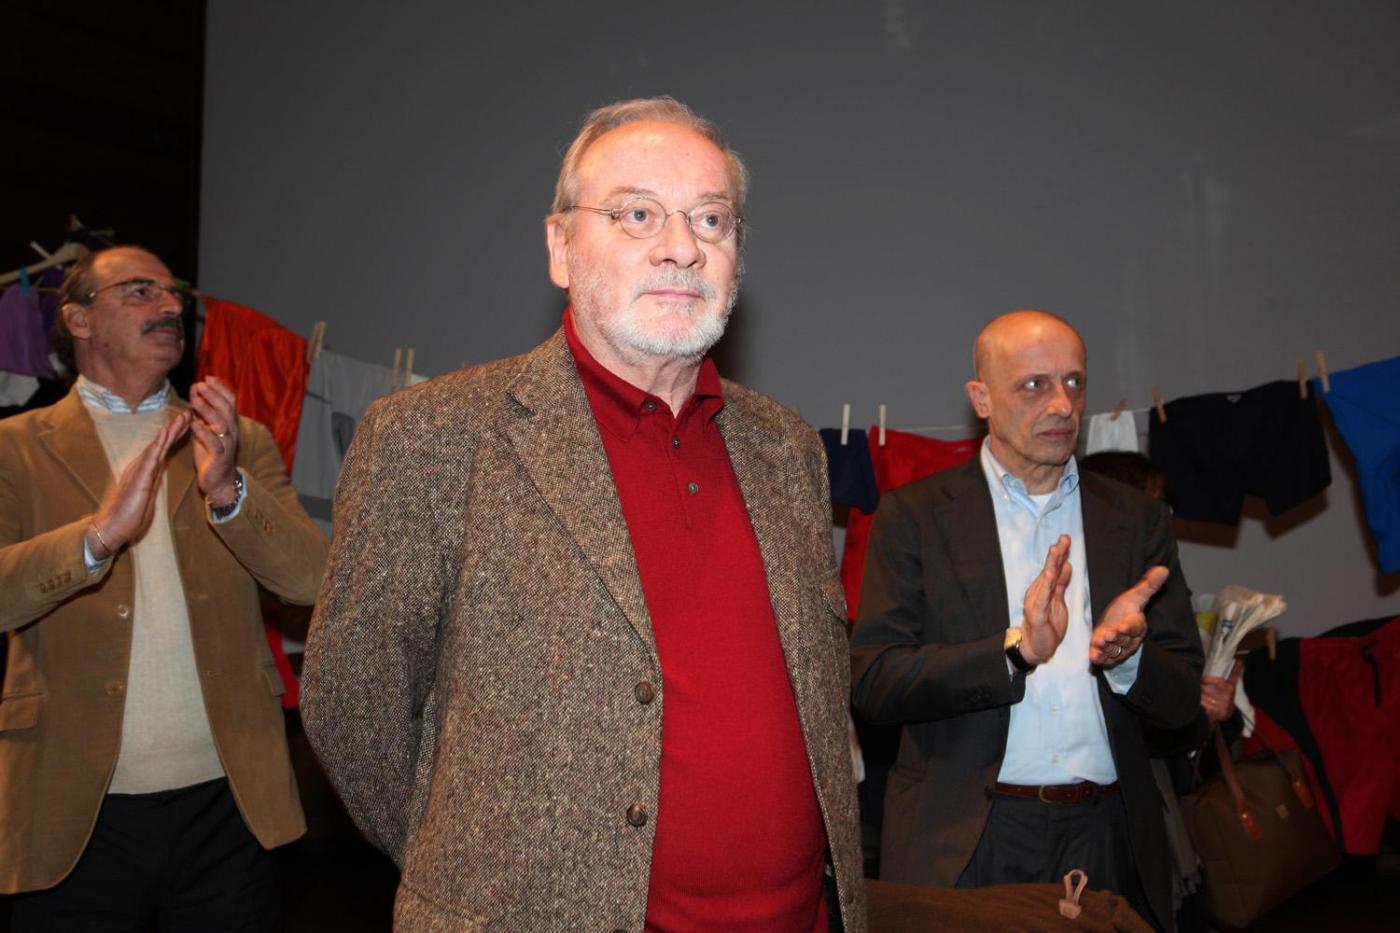 Addio al giornalista Piero Ostellino Fu direttore del Corriere della Sera